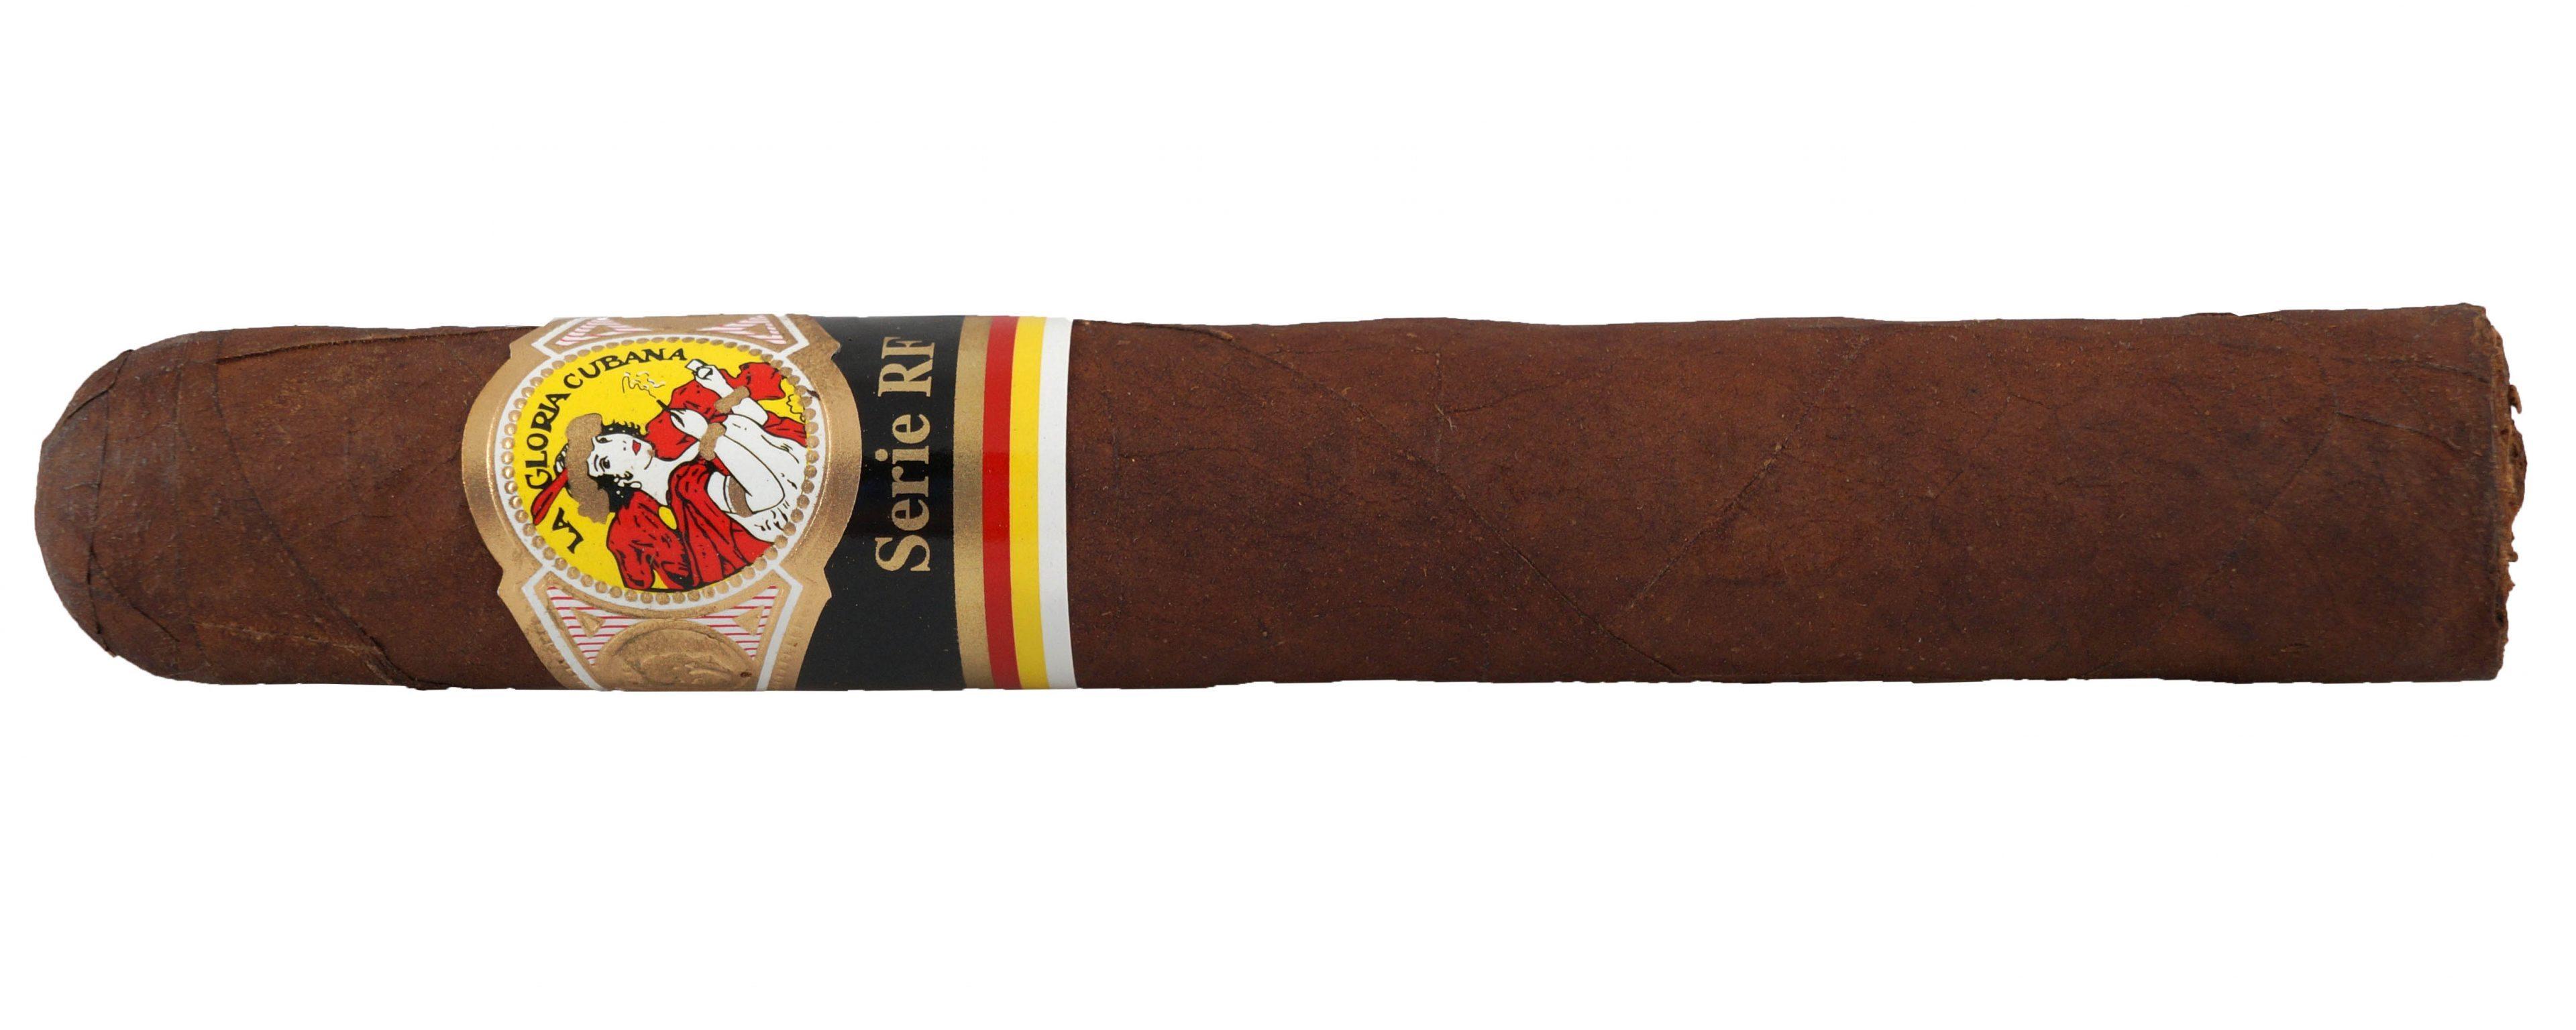 Blind Cigar Review: La Gloria Cubana | Serie RF No. 13